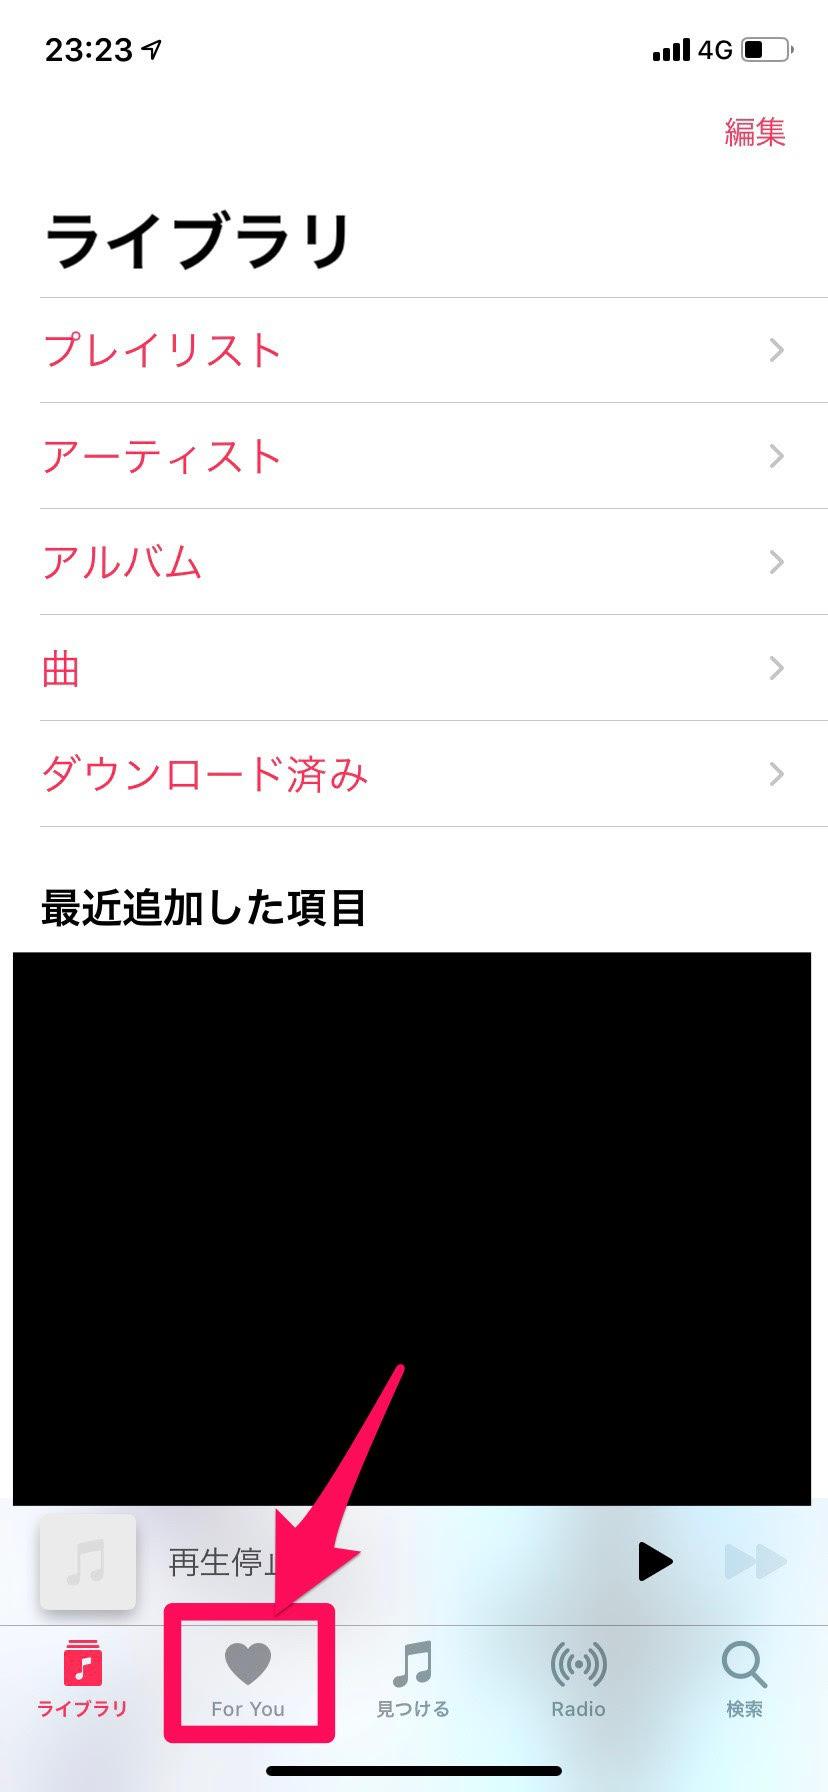 iPhoneでApple Musicをファミリープランに変更する方法